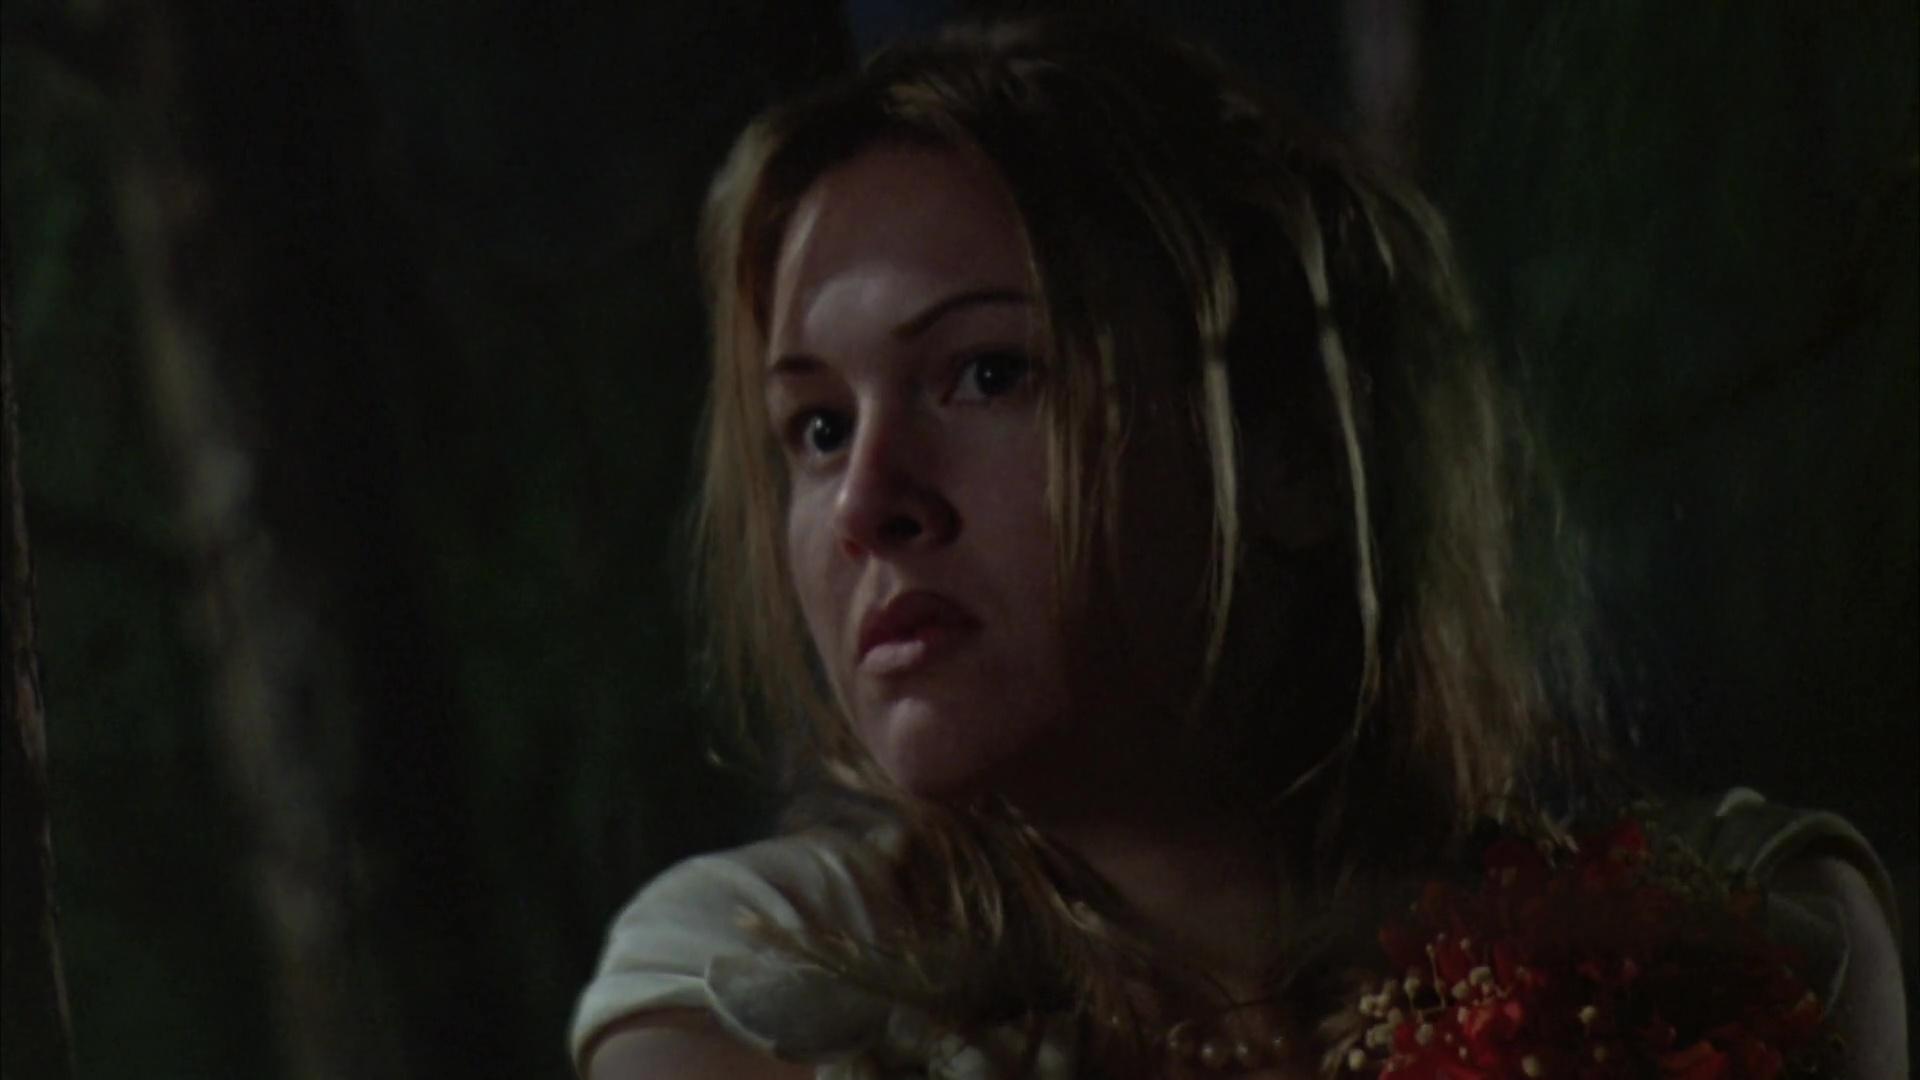 La Masacre De Texas 4 La Nueva Generacion 1080p Lat-Cast-Ing 5.1 (1994)